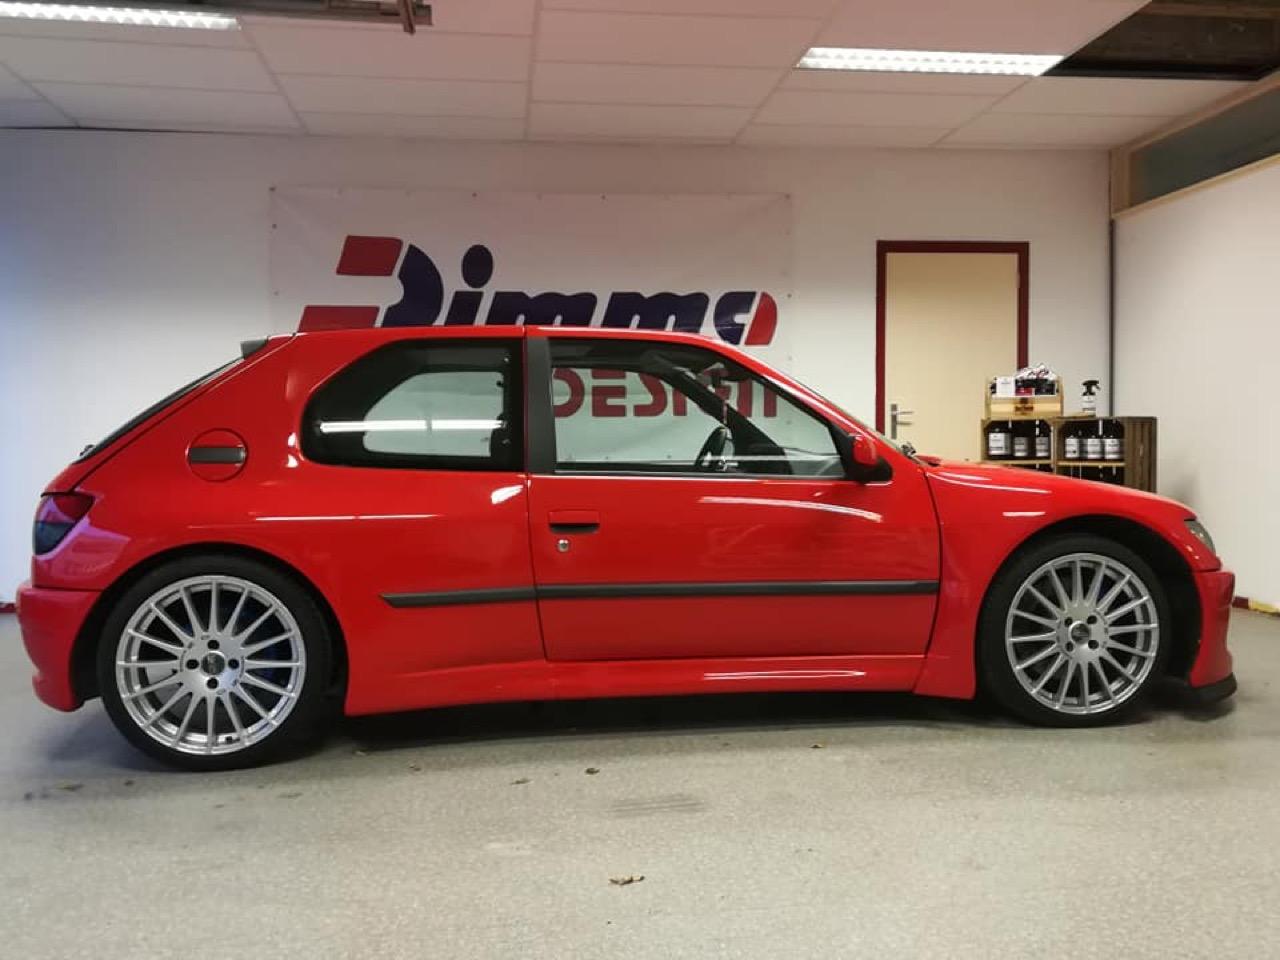 Peugeot 306 S16 - Fausse Le Mans ? Mais vraie Dimma ! 3